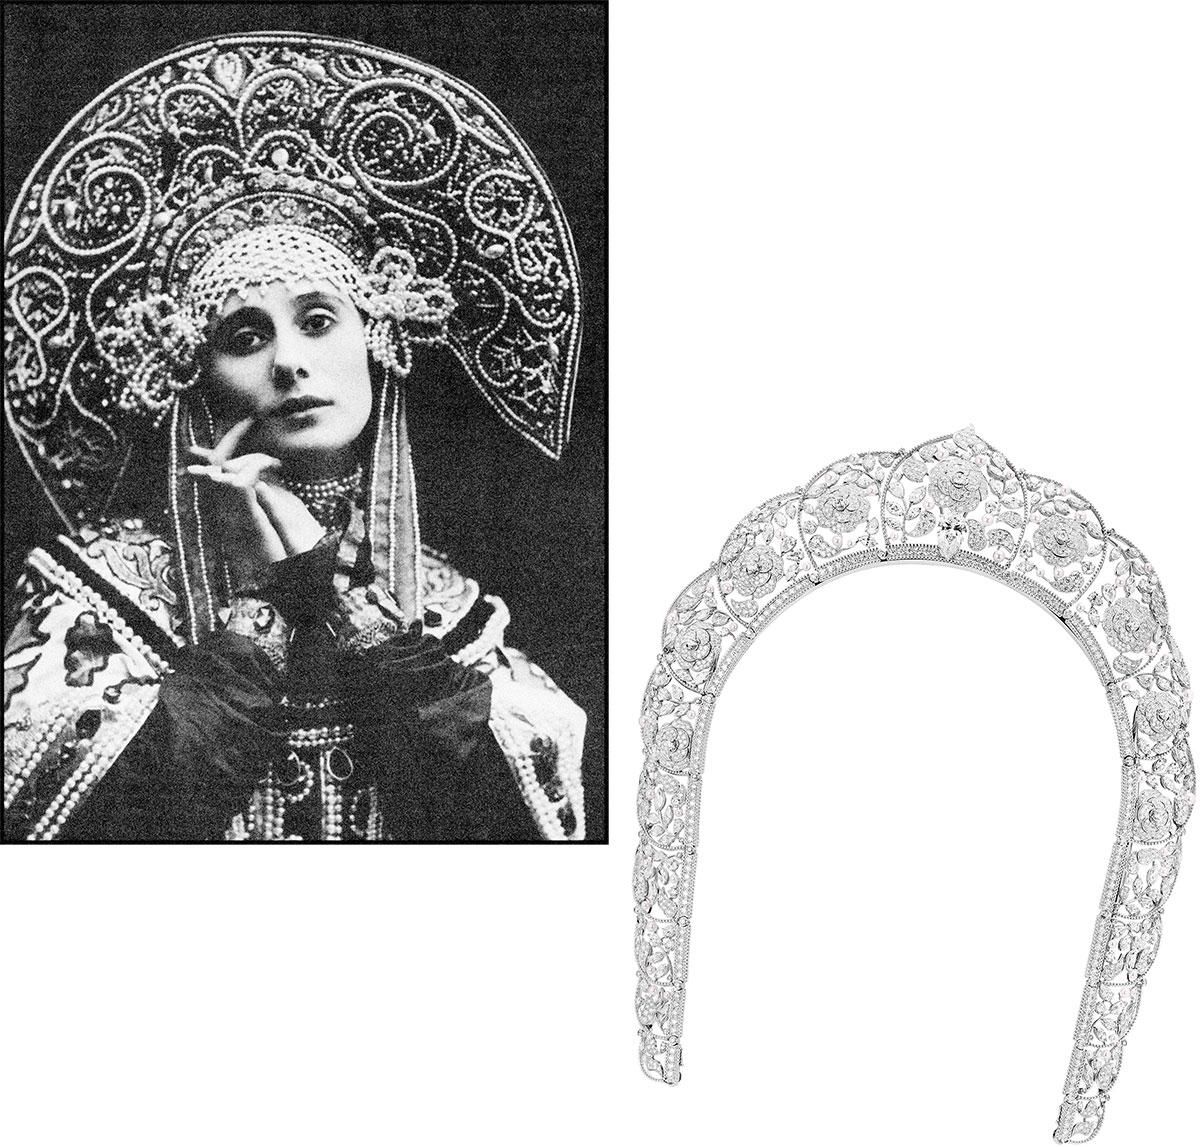 """(左)セルゲイ ディアギレフ率いる「バレエ リュス」のプリマドンナ、アンナ パヴロワ。© Heritage Images / Contributor(右)流麗なエンブロイダリーを表現したオープンワークのティアラ。""""パリ リュス"""" コレクションのマスターピース。"""